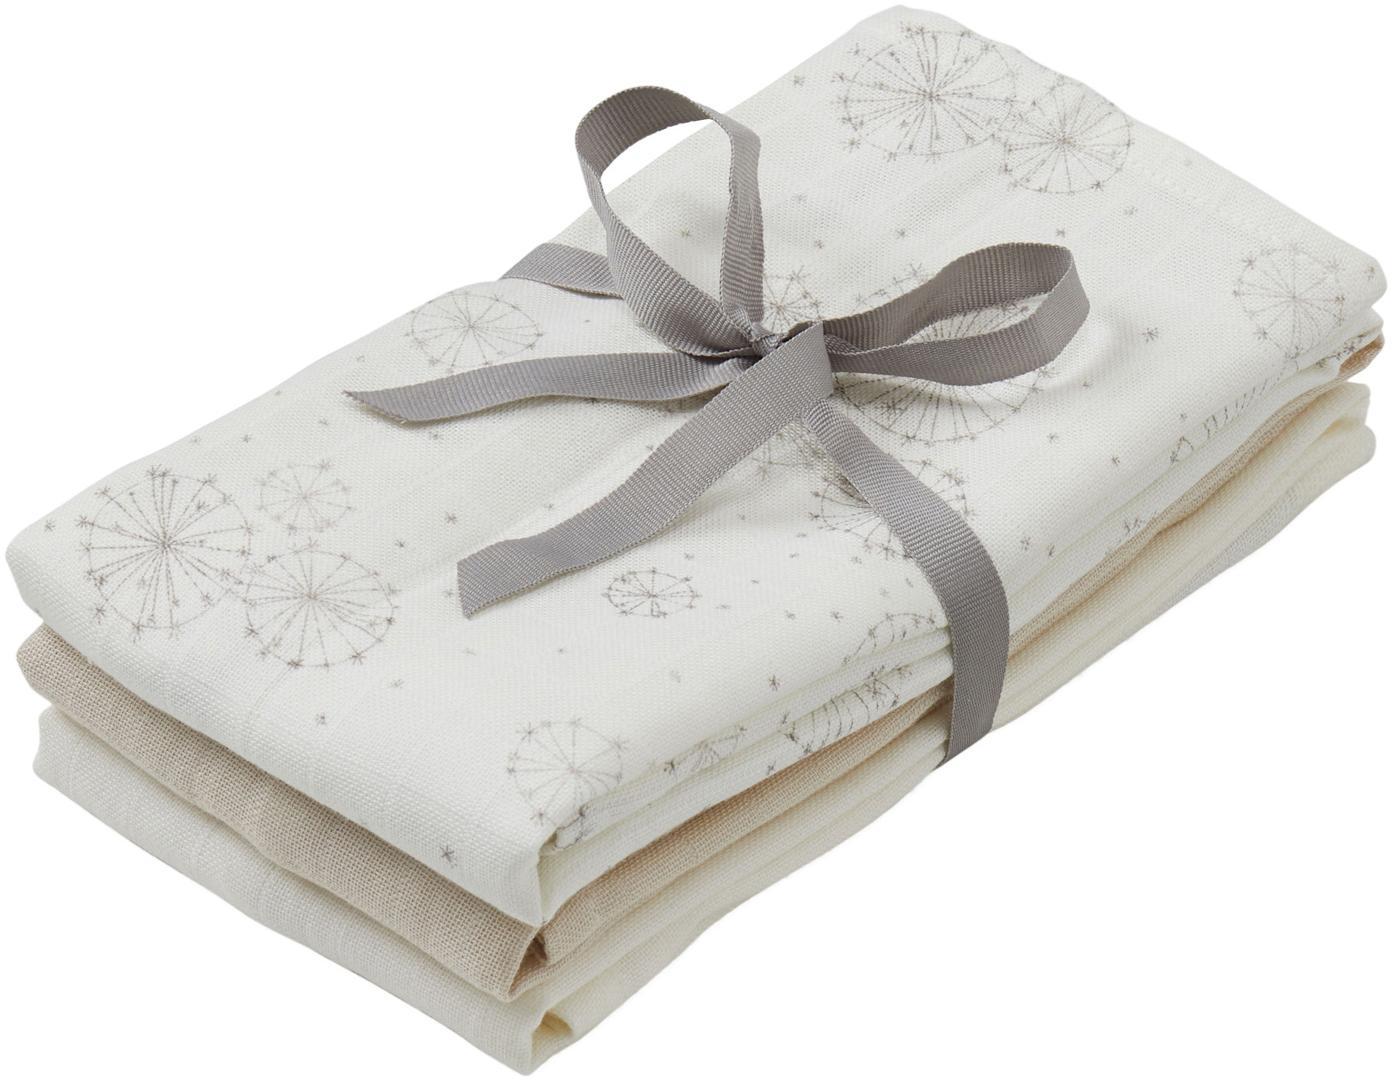 Mulltücher-Set Dandelion aus Bio-Baumwolle, 3-tlg., Bio-Baumwolle, GOTS-zertifiziert, Weiß, Beige, Creme, 70 x 70 cm